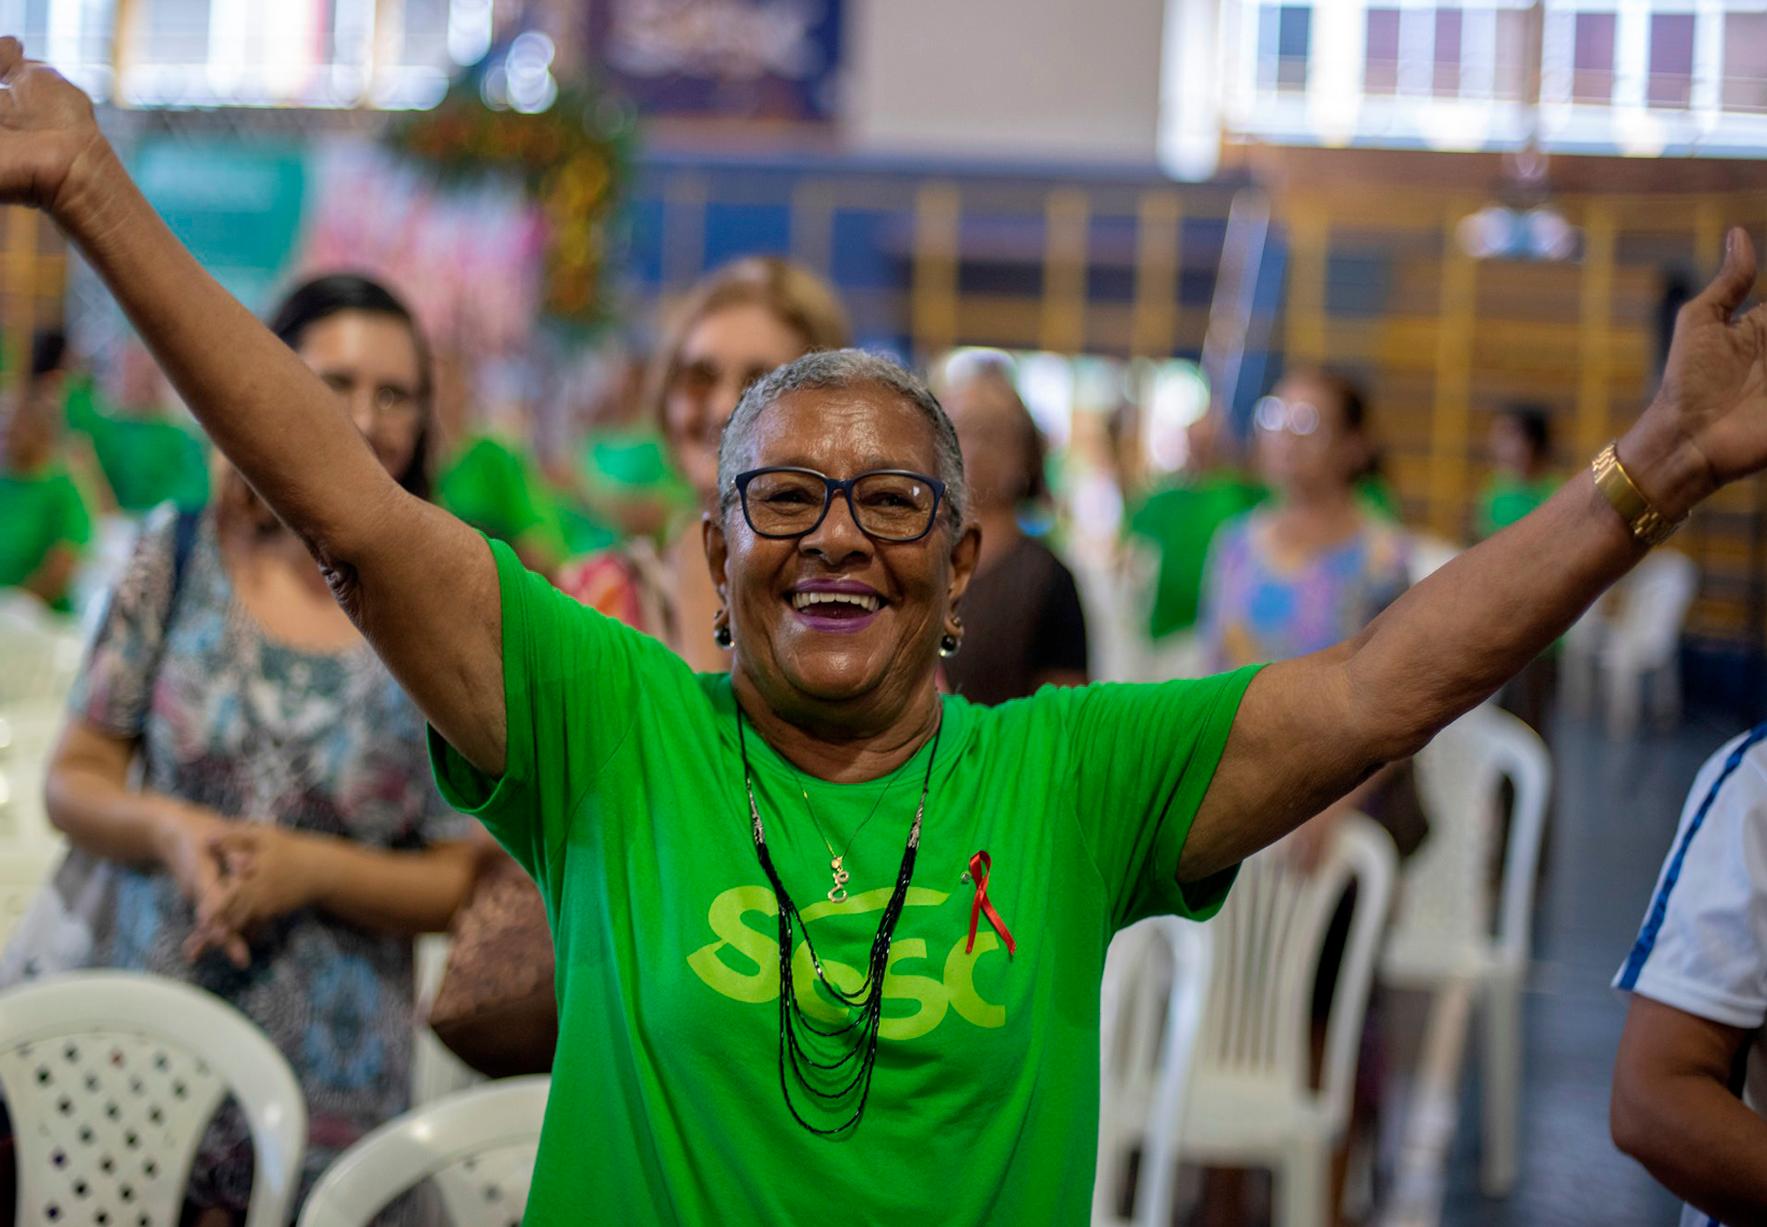 Duzentas inscrições para atividades de envelhecimento ativo estão disponíveis no Sesc